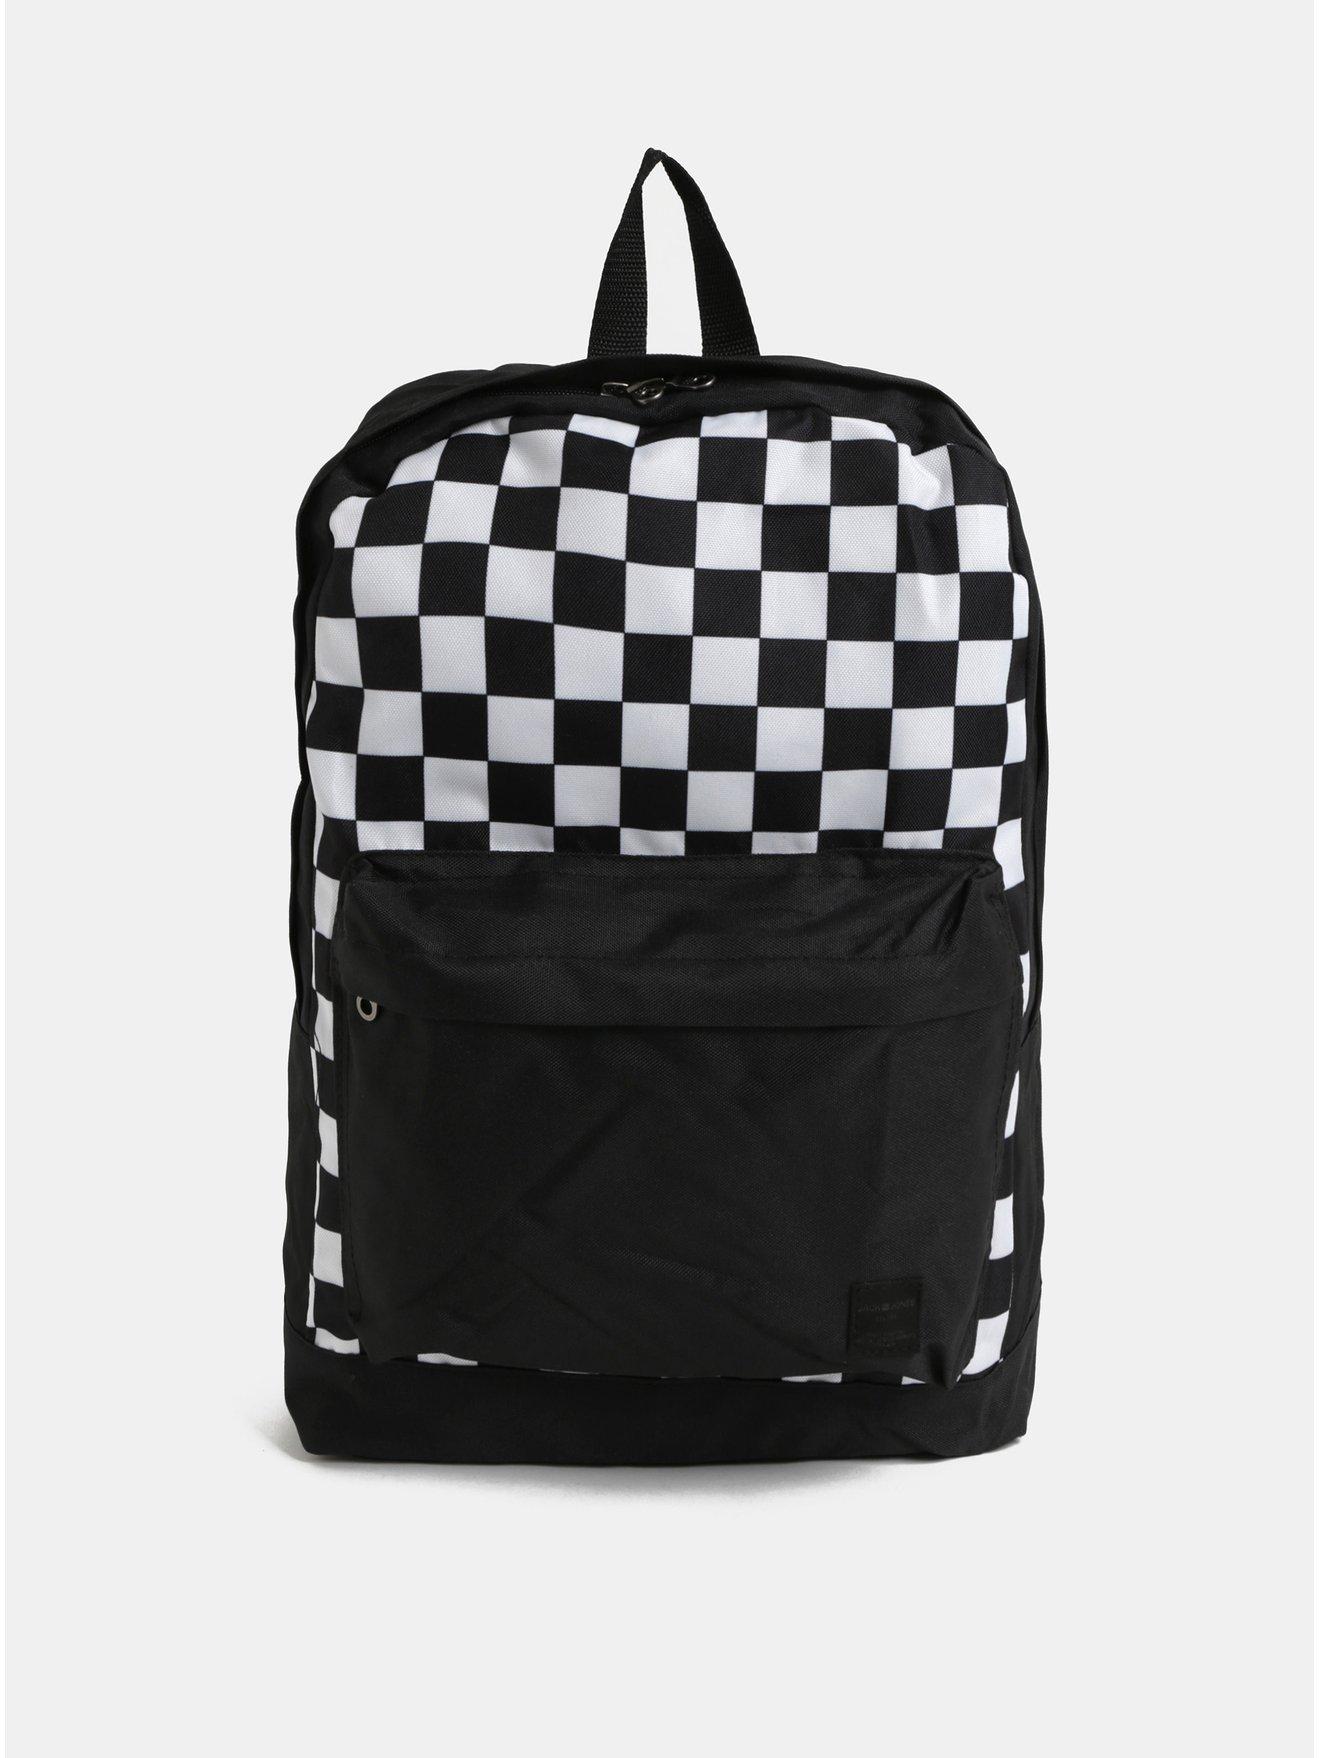 Bílo-černý batoh s přední kapsou Jack   Jones Basic 6492fda02d